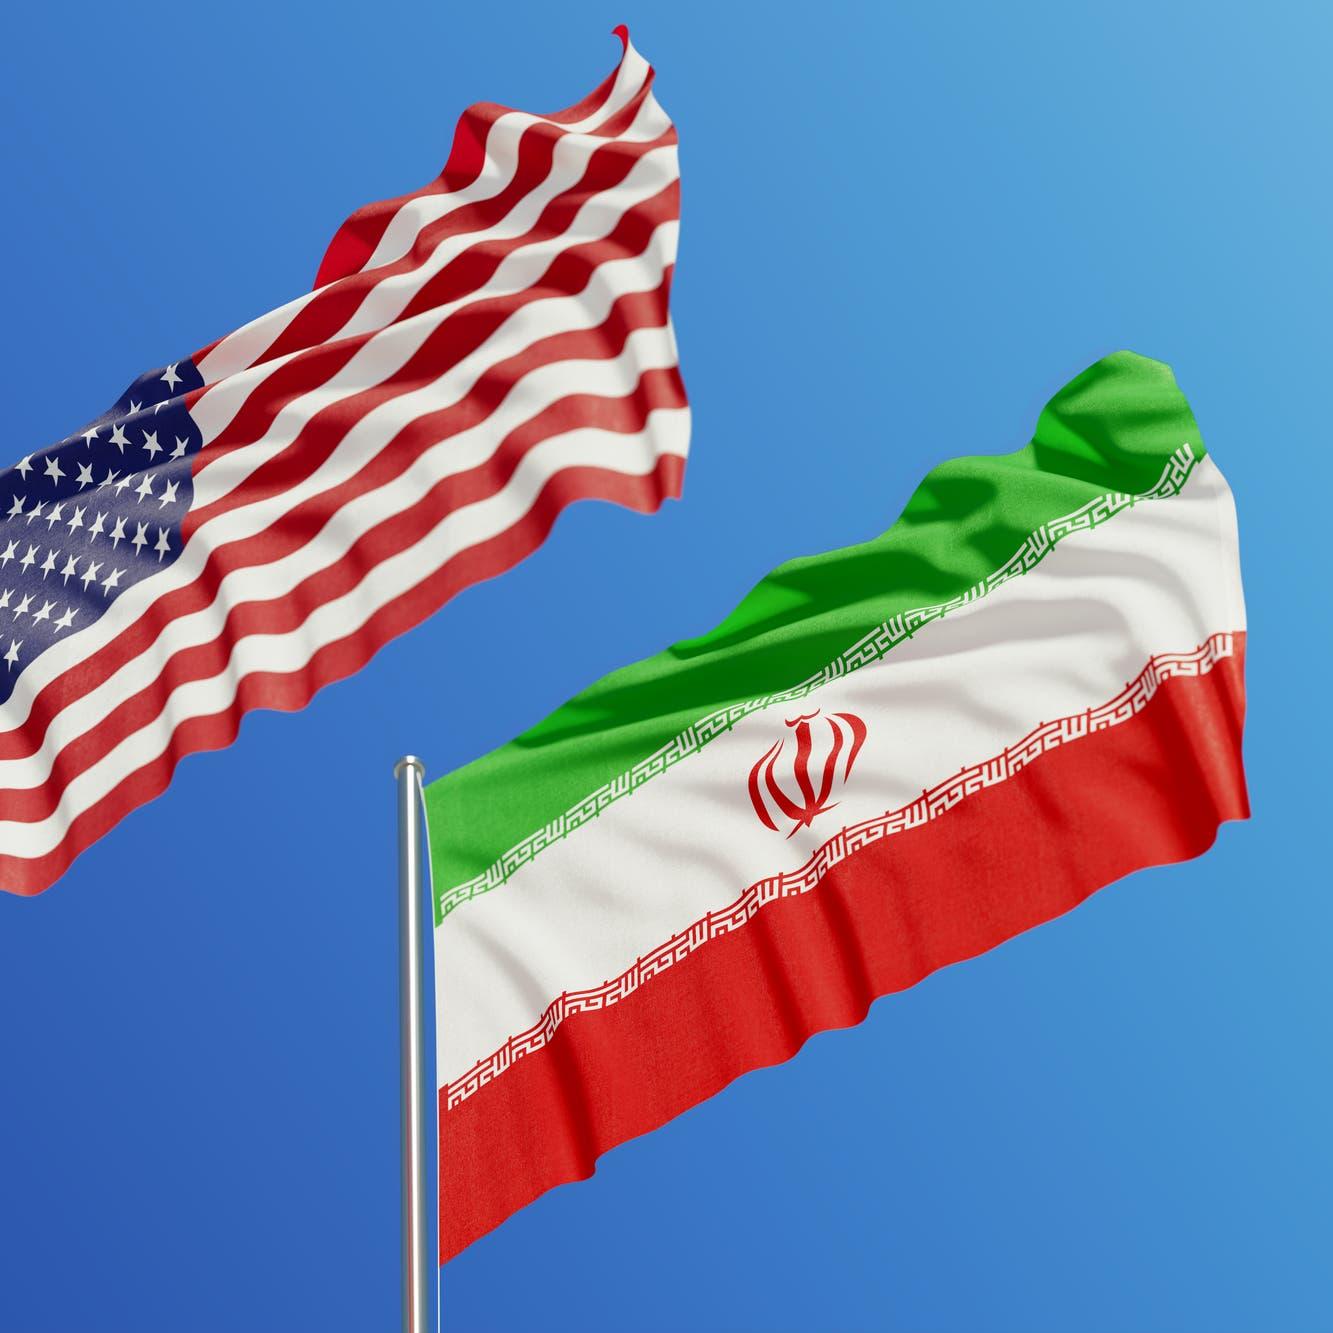 بكين: لا يحق لواشنطن تمديد حظر الأسلحة على طهران